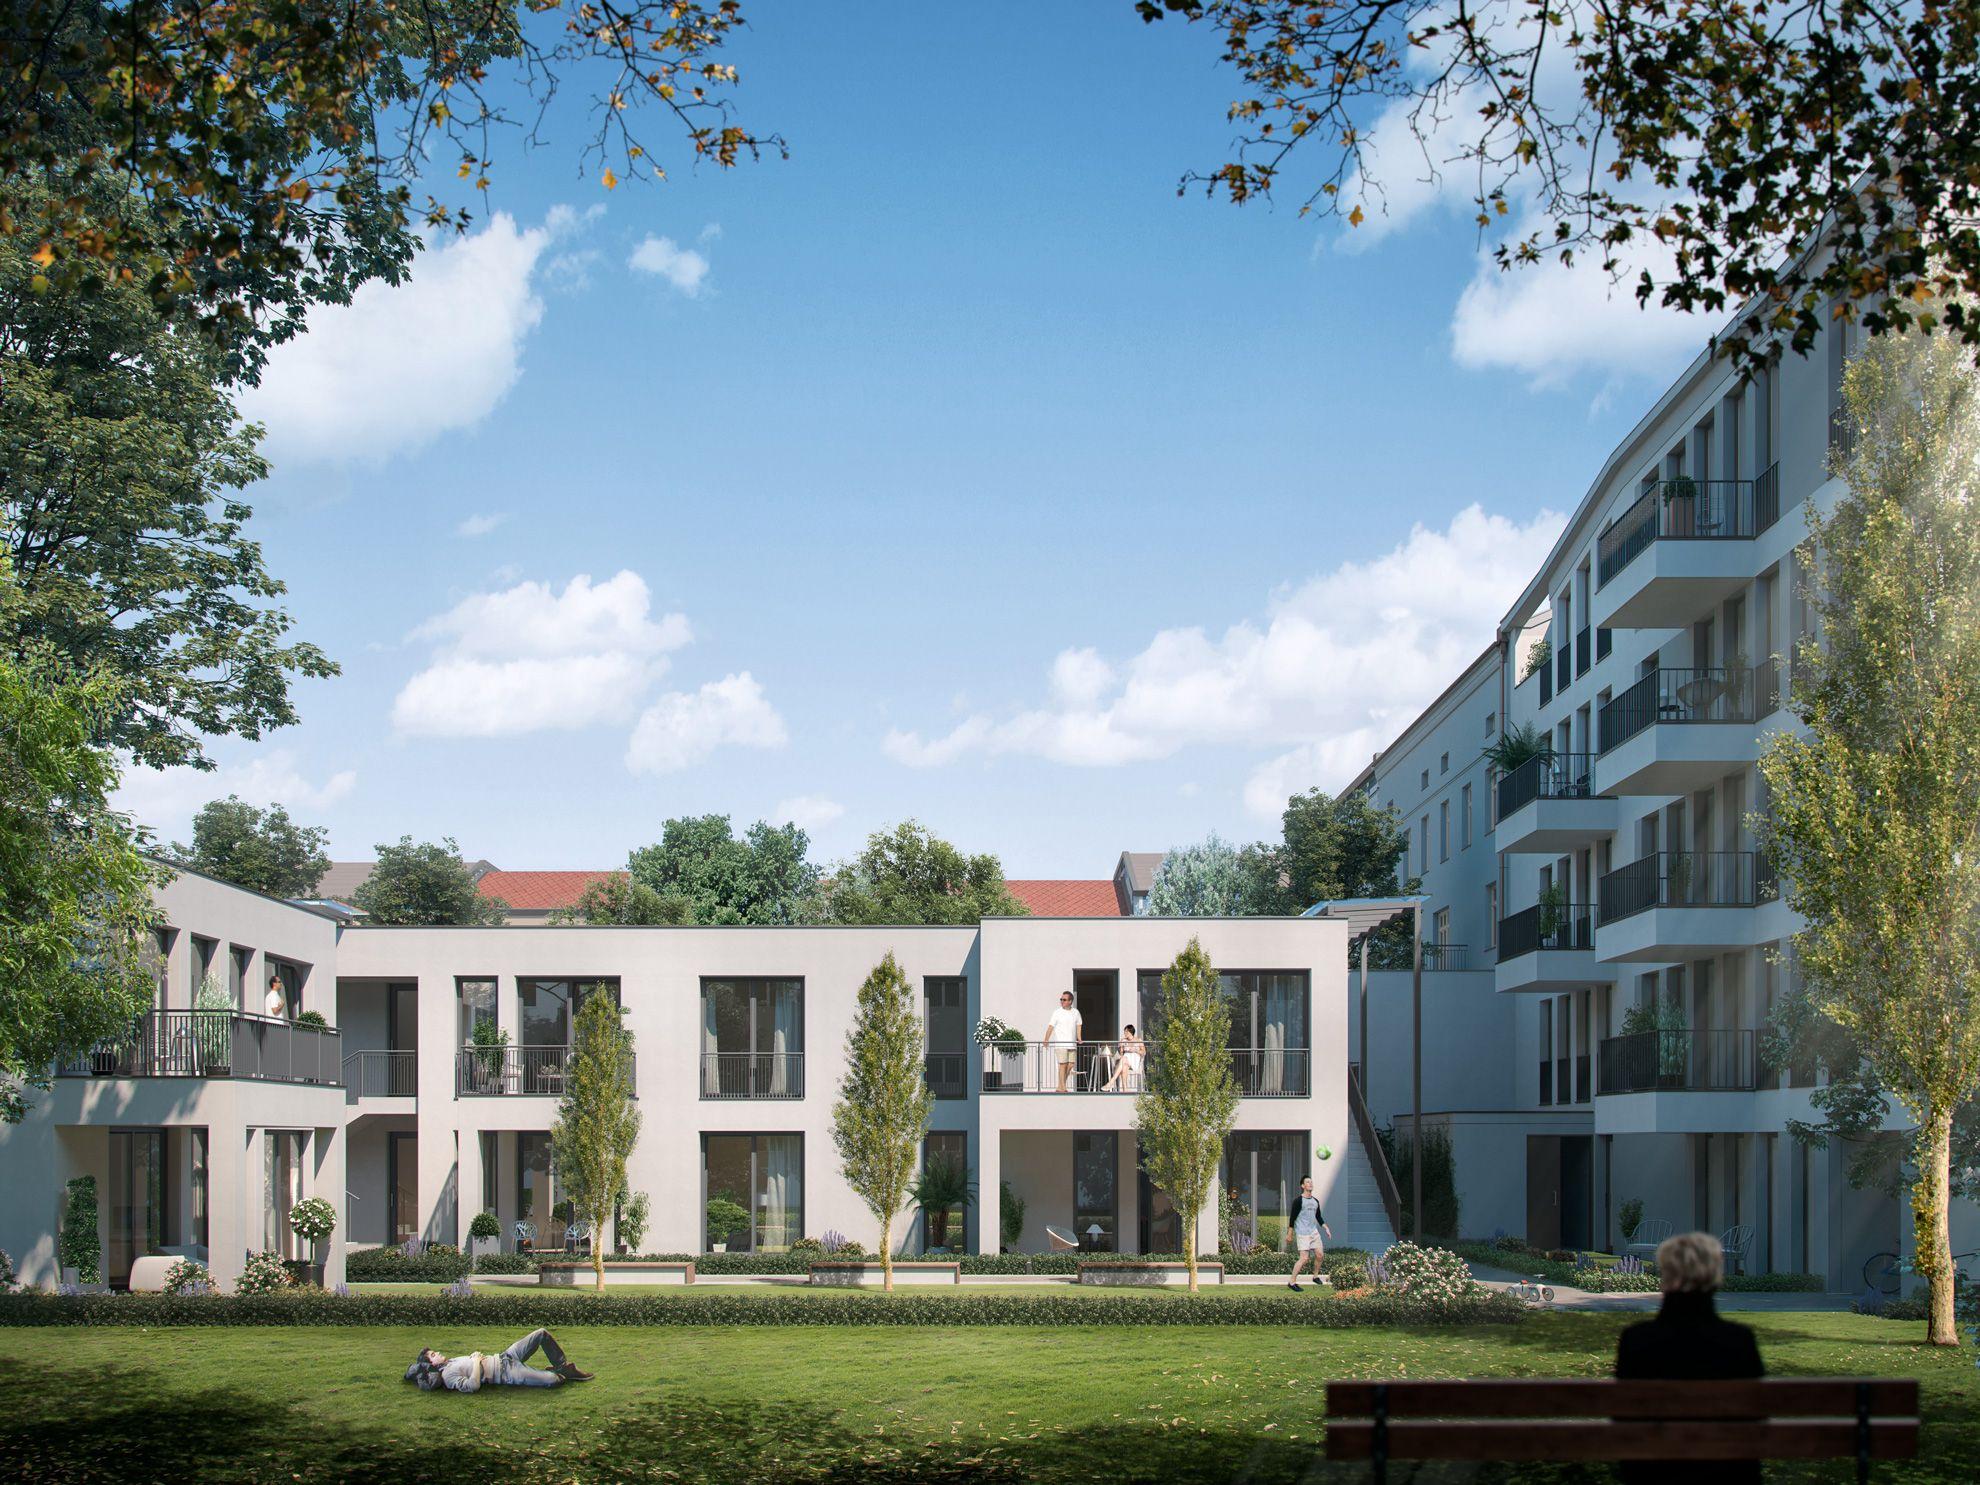 Architekturvisualisierung Berlin renderatelier architekturvisualisierung mehrfamilienhaus